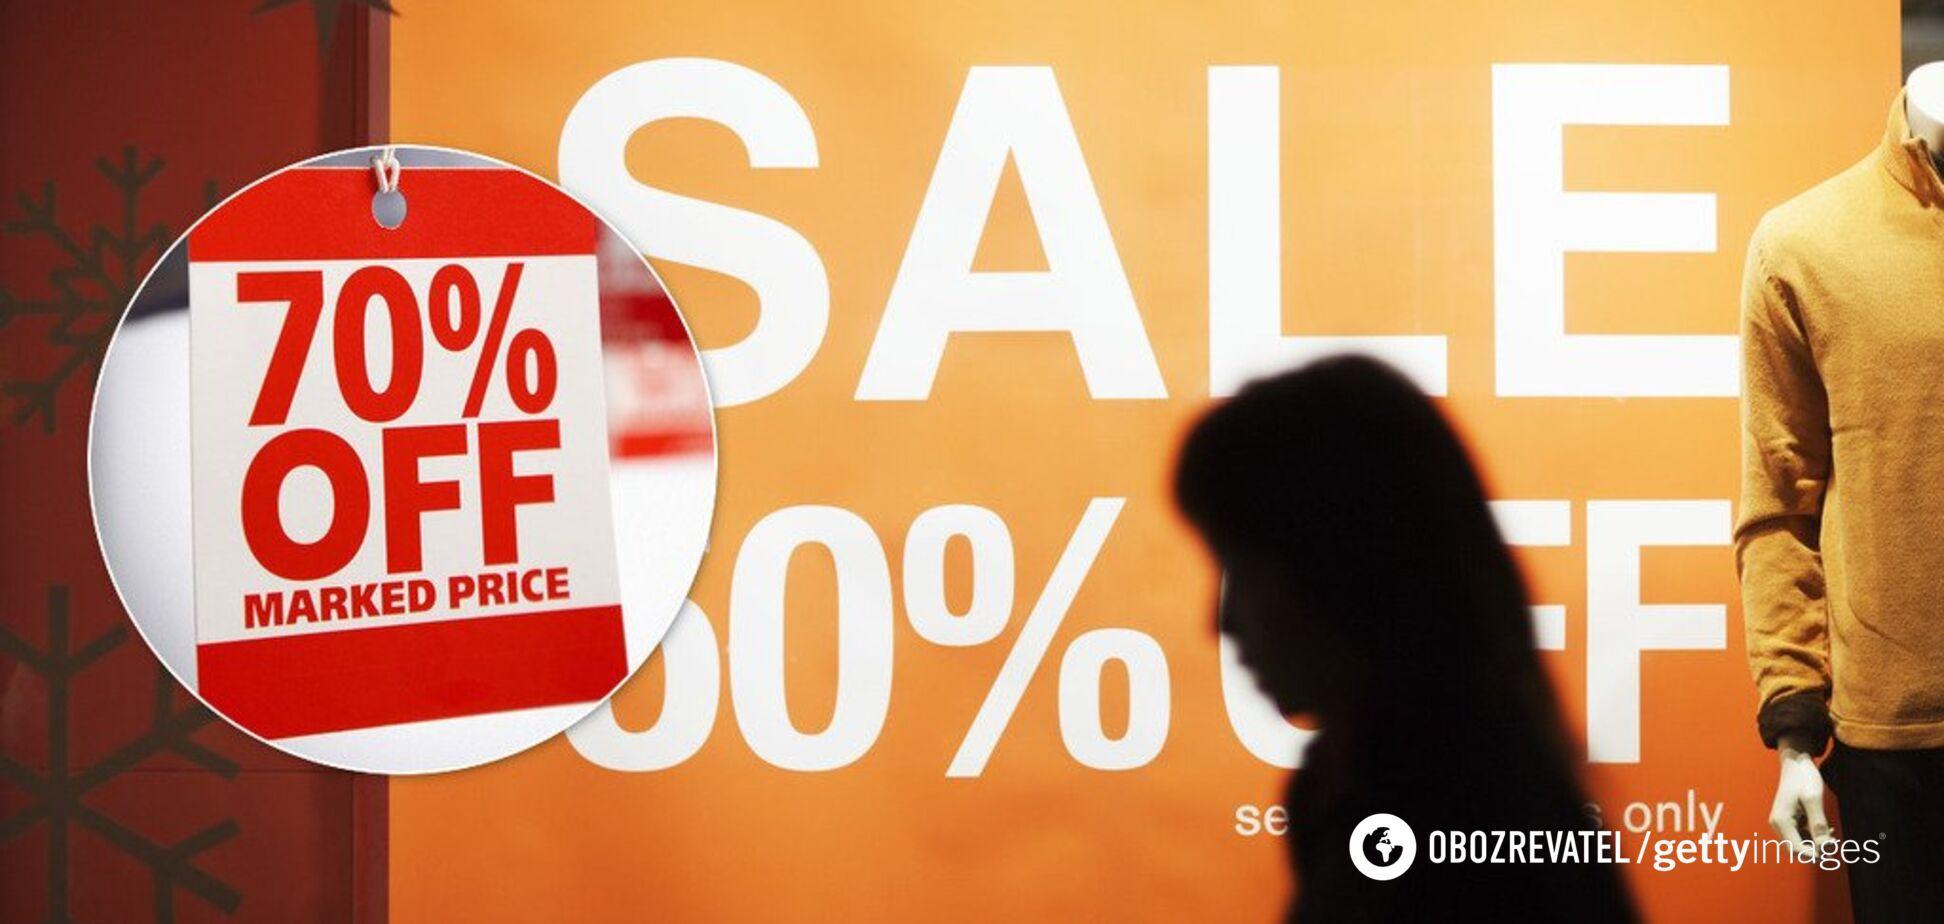 Черная пятница-2019: что ни в коем случае нельзя покупать и как сэкономить